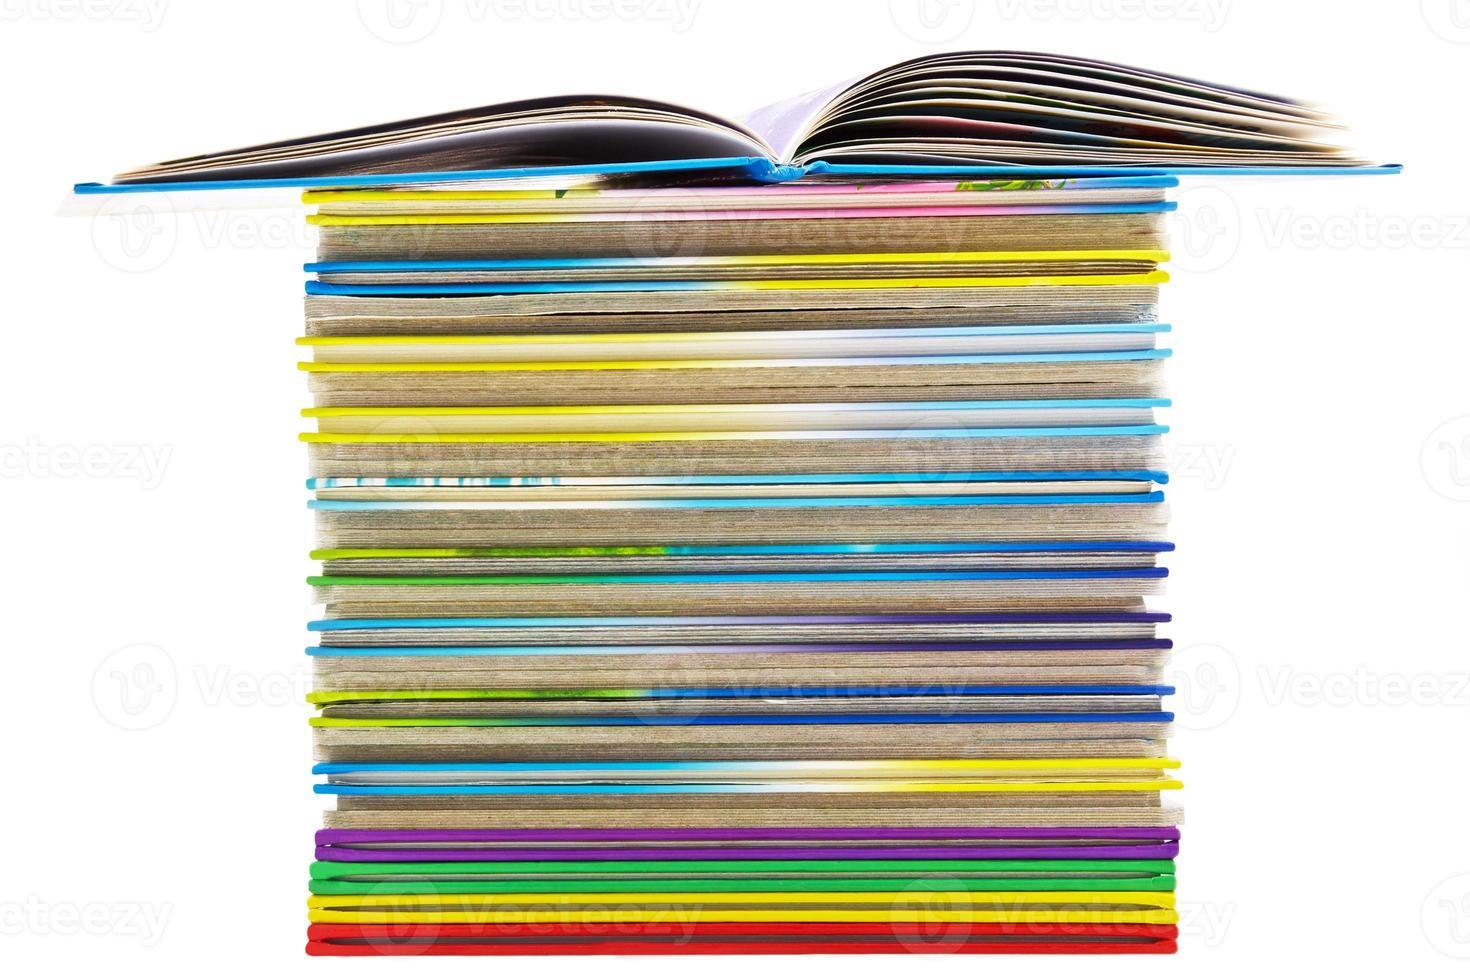 stapel dunne boeken foto